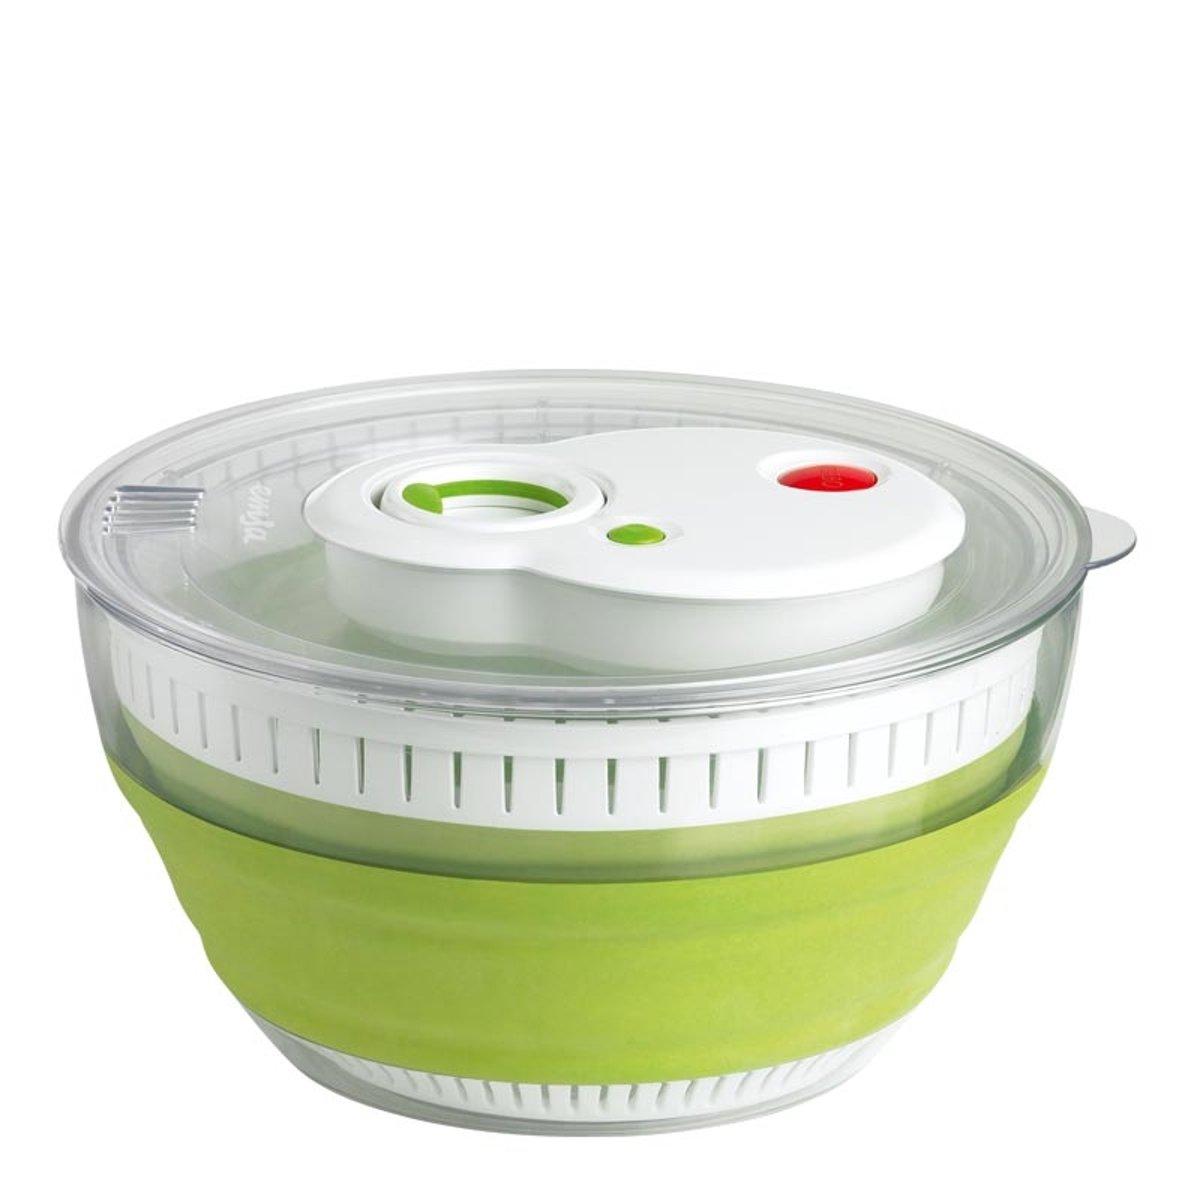 TURBOLINE opvouwbare slacentrifuge. 4.5 L. groen transparent kopen